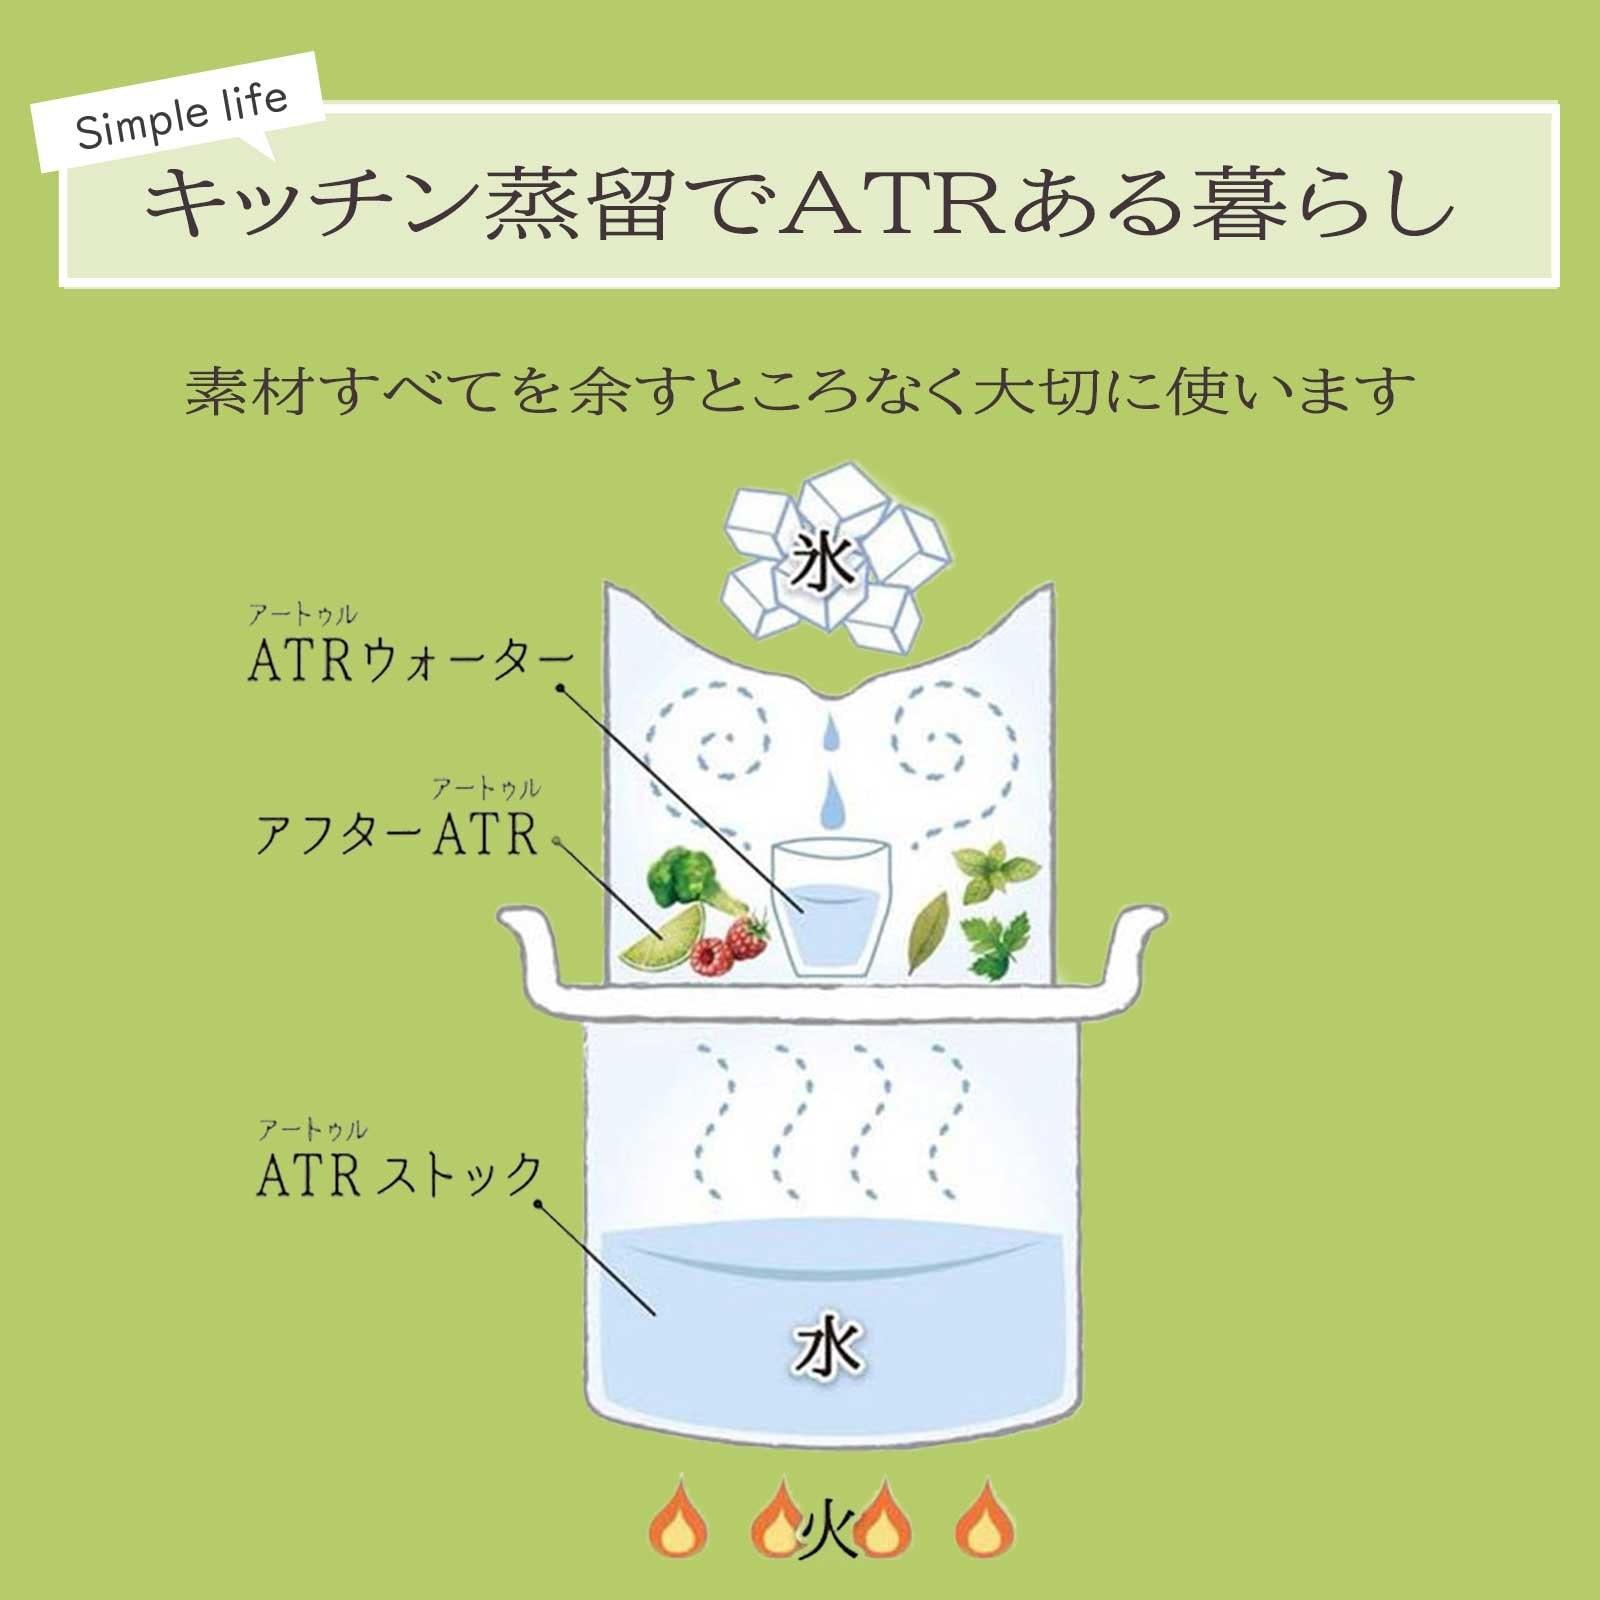 【マスターPRO年会費】(一社)日本アロマ蒸留協会 年会費のイメージその1